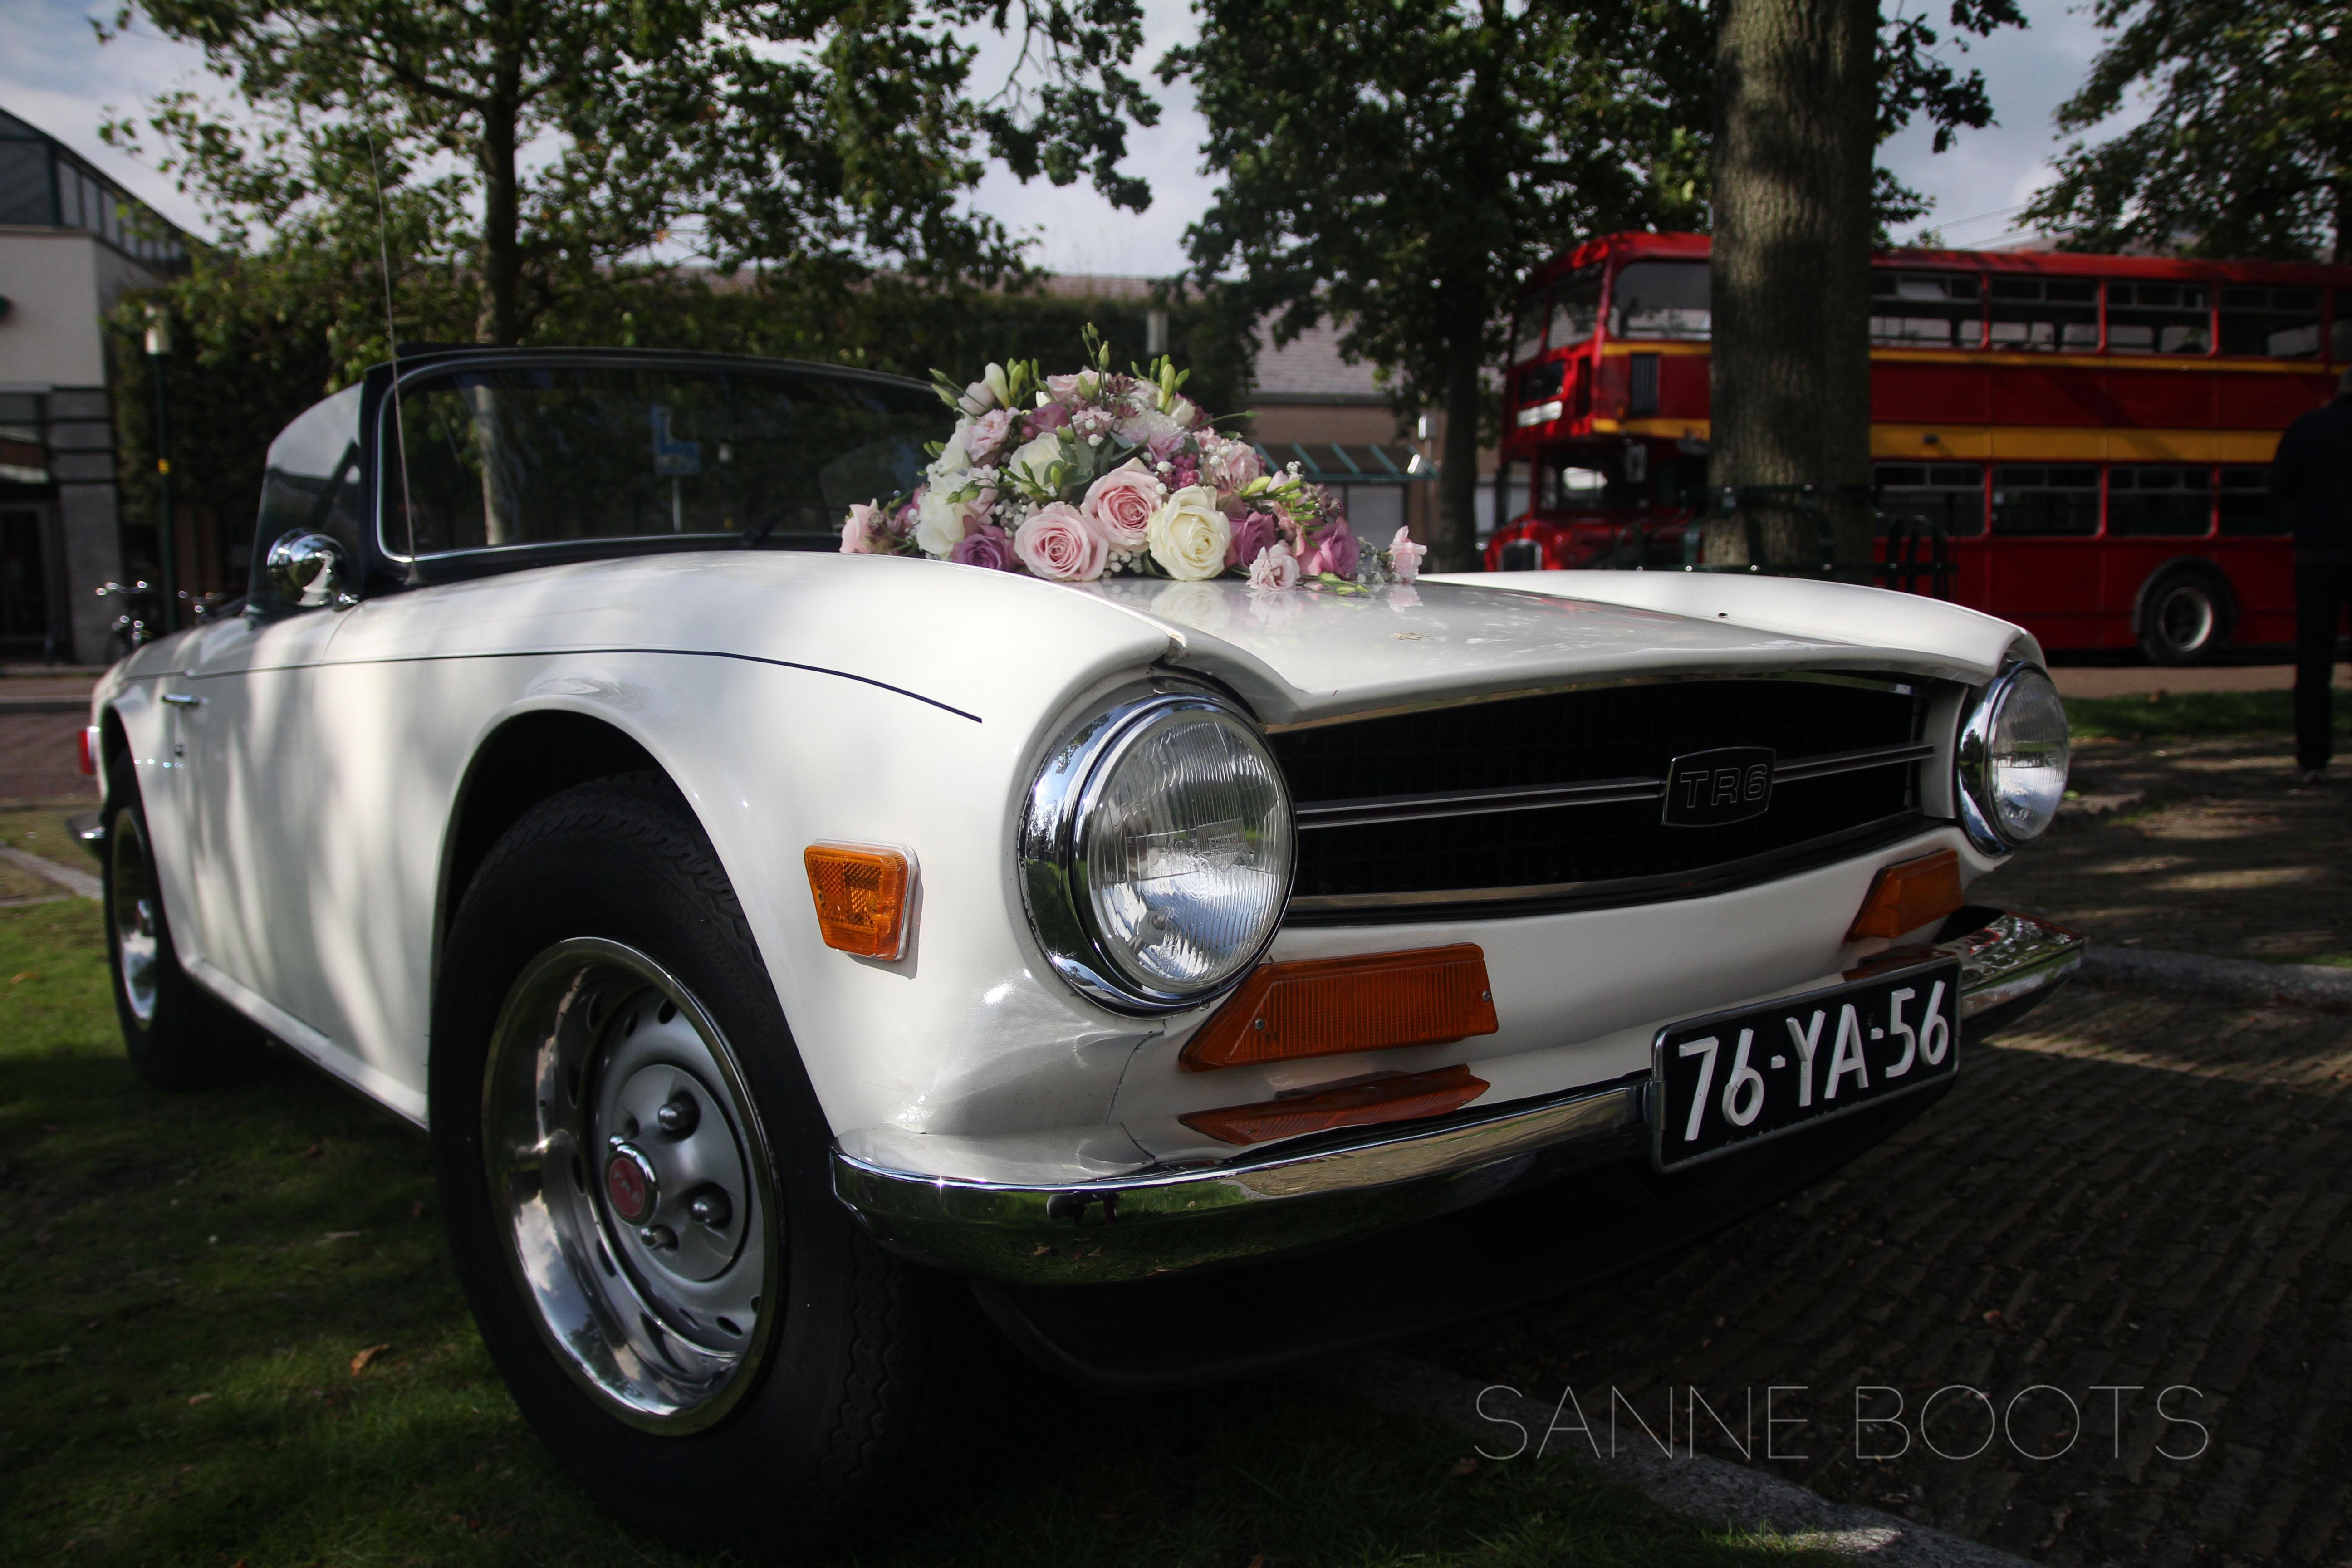 Autobloemstuk | Rondrijden met deze bloemen op je motorkap en iedereen weet dat jij gaat trouwen